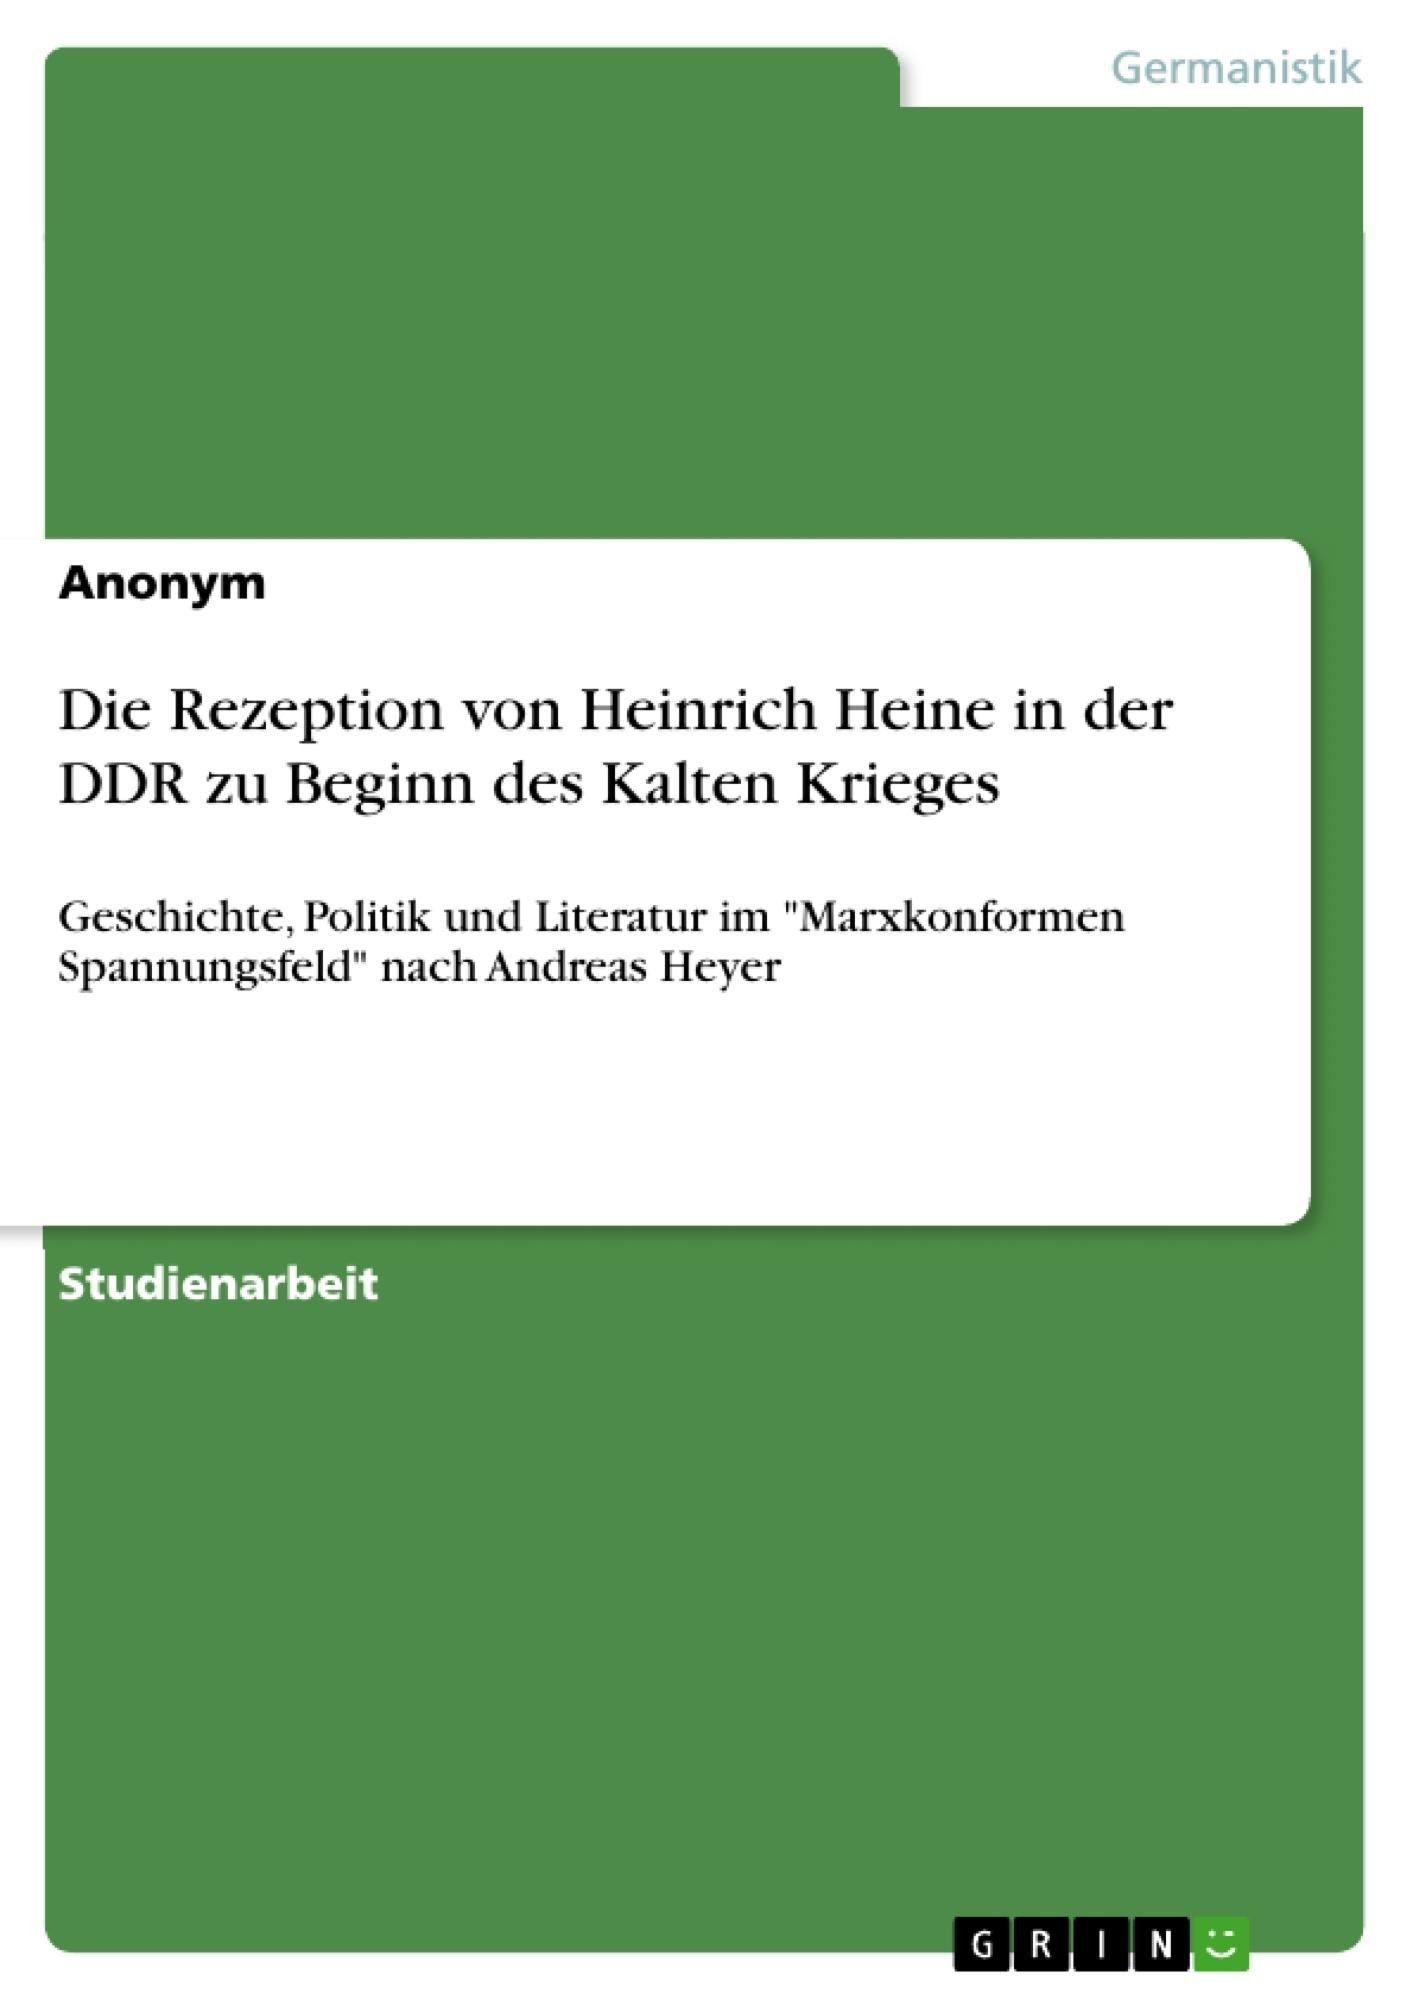 Titel: Die Rezeption von Heinrich Heine in der DDR zu Beginn des Kalten Krieges